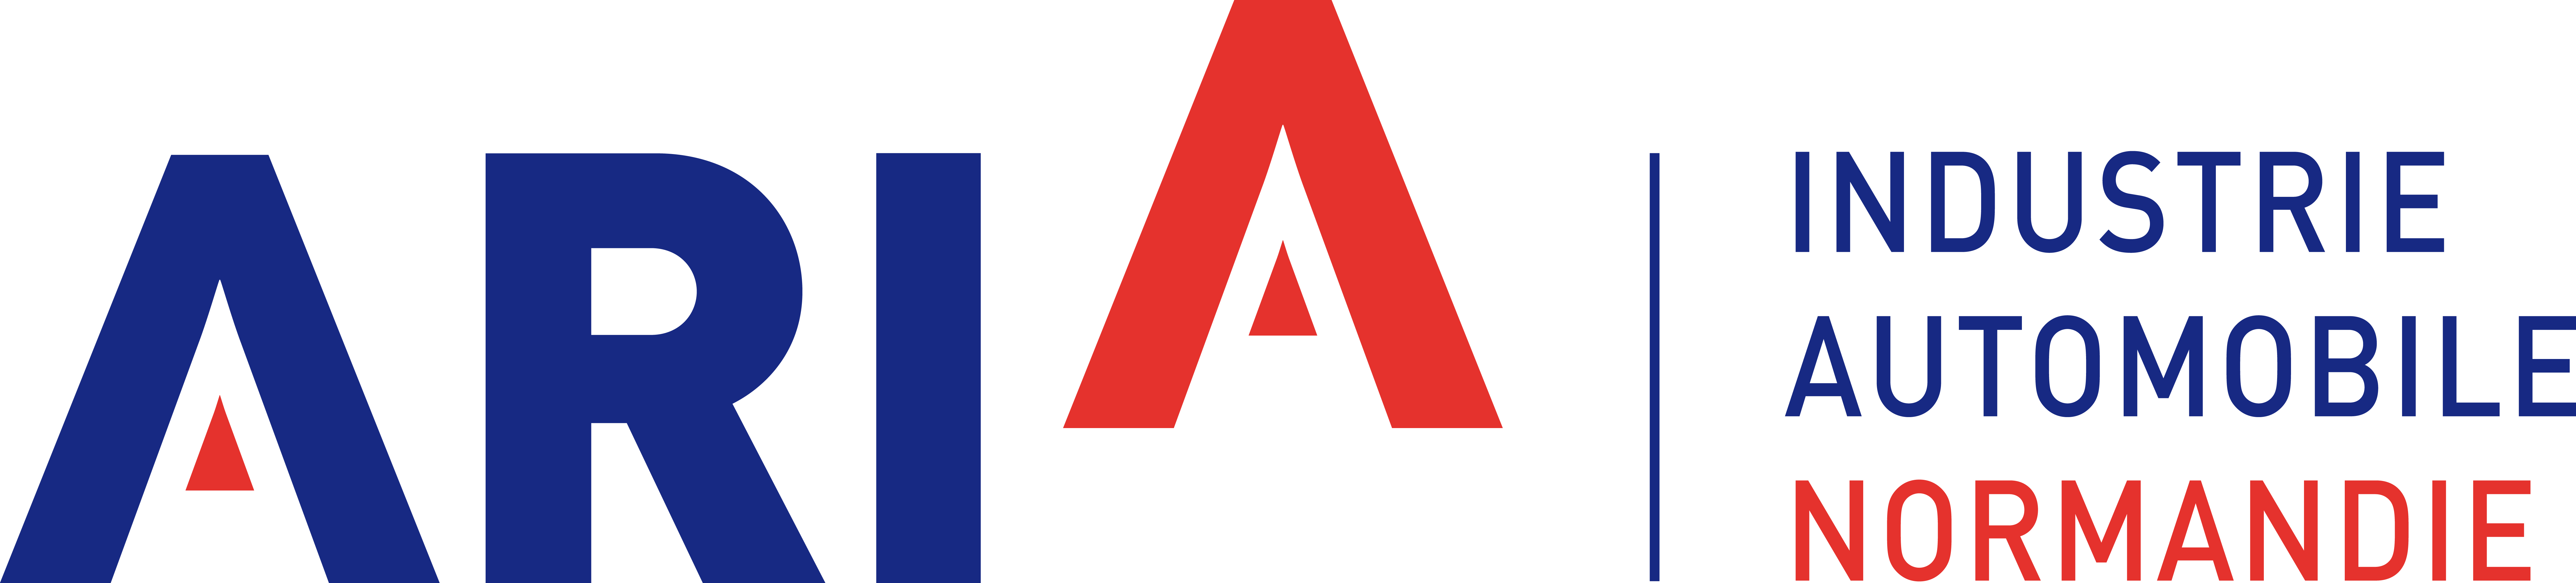 ARIA NORMANDIE (ASSOCIATION RÉGIONALE DE L'INDUSTRIE AUTOMOBILE)